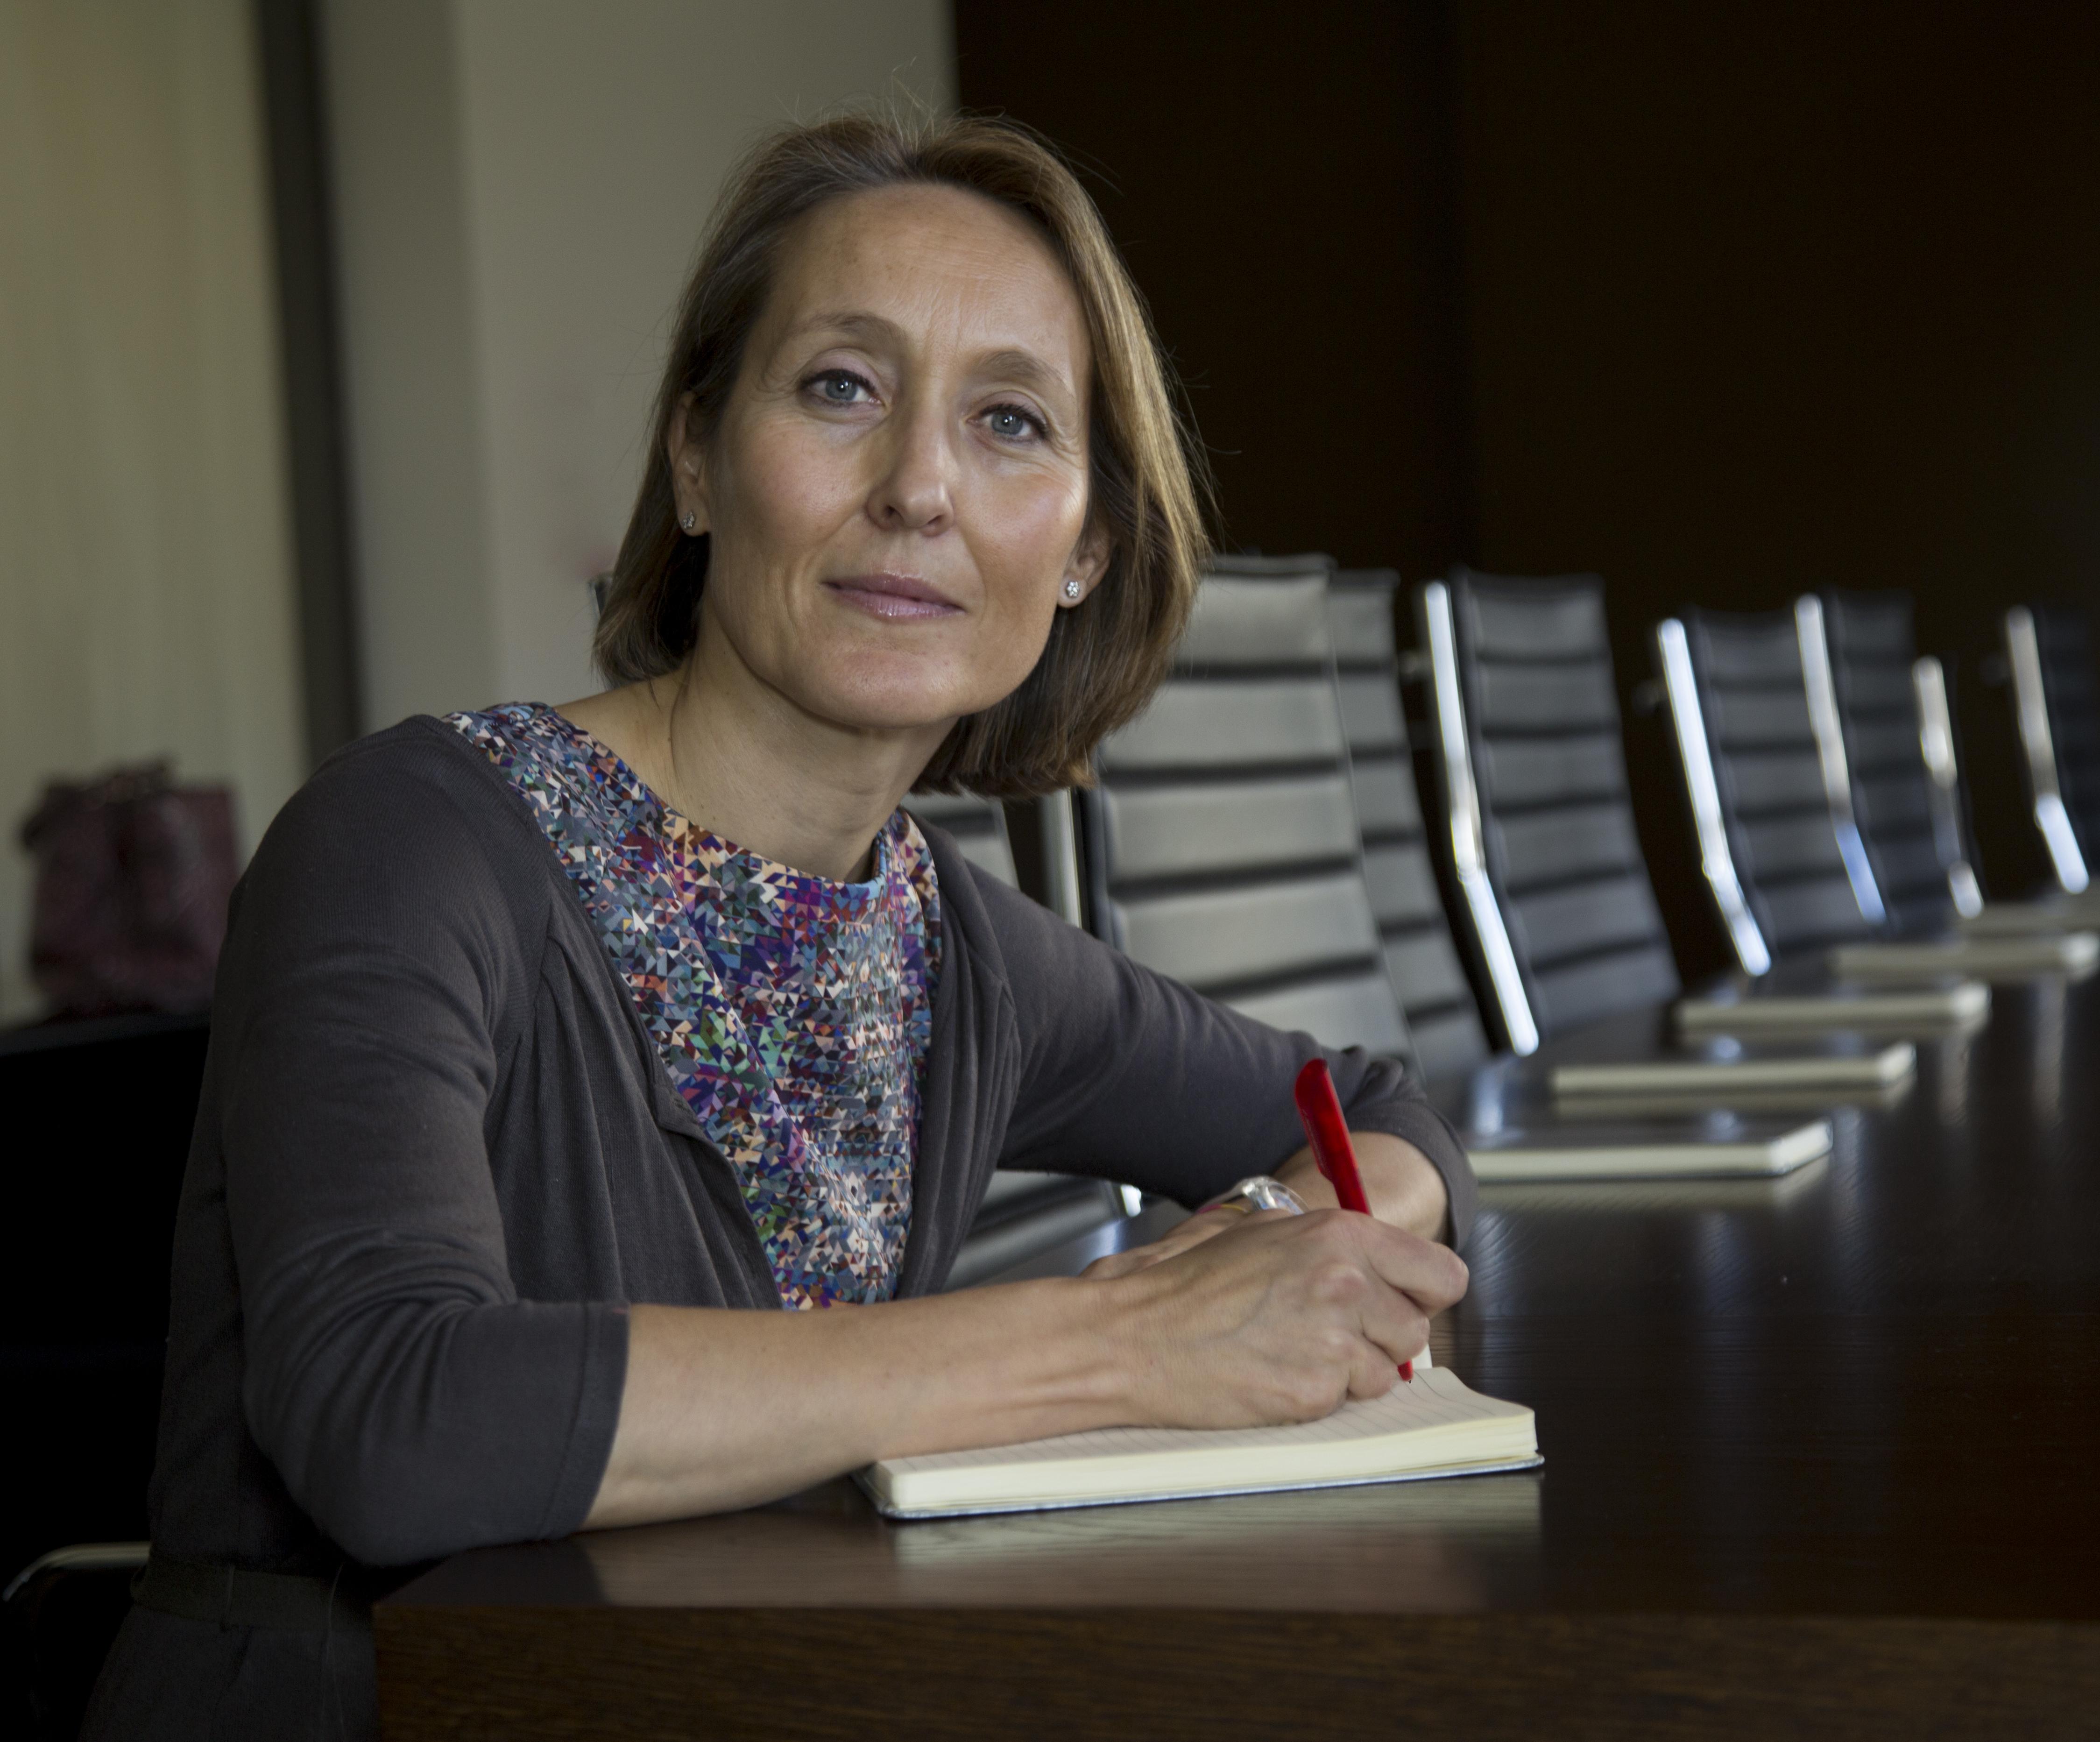 """Marian Fernández: """"Tipos bajos en Europa en 2016 deberían hacer que el crédito fluya, impactar en la confianza y dar soporte a los mercados""""."""